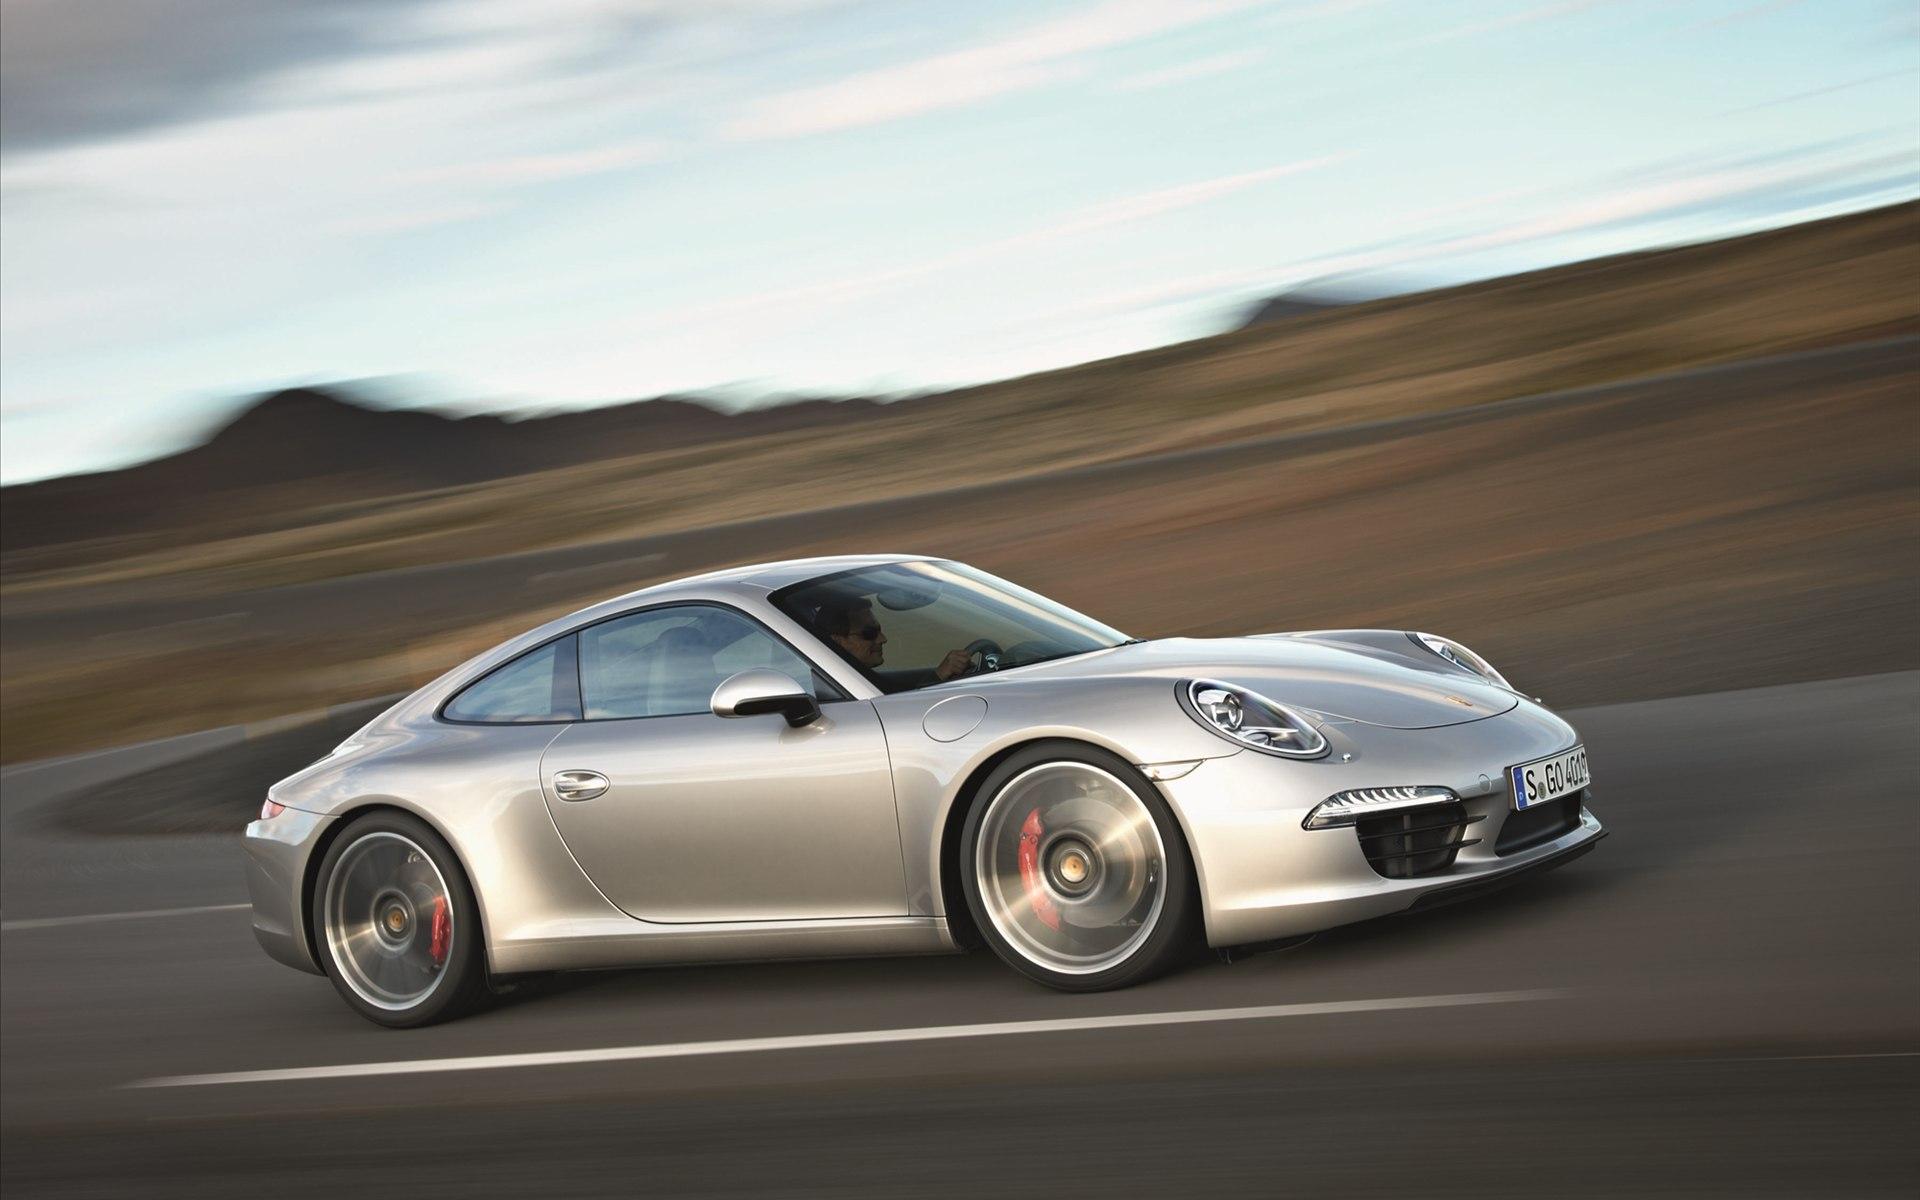 48 2012 Porsche 911 Wallpaper On Wallpapersafari